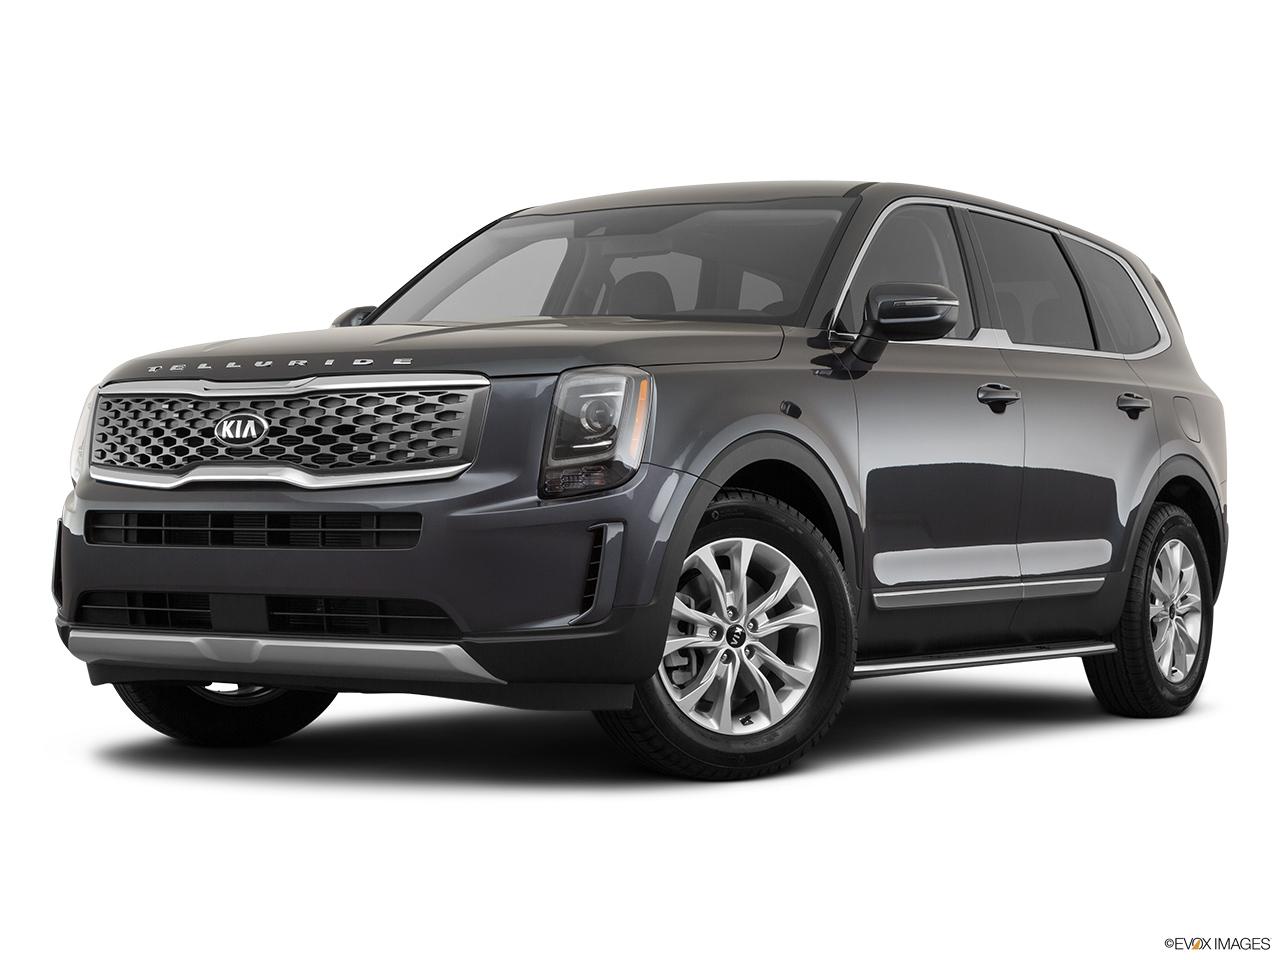 kia telluride 2020 3.8l v6 lx fwd in qatar: new car prices